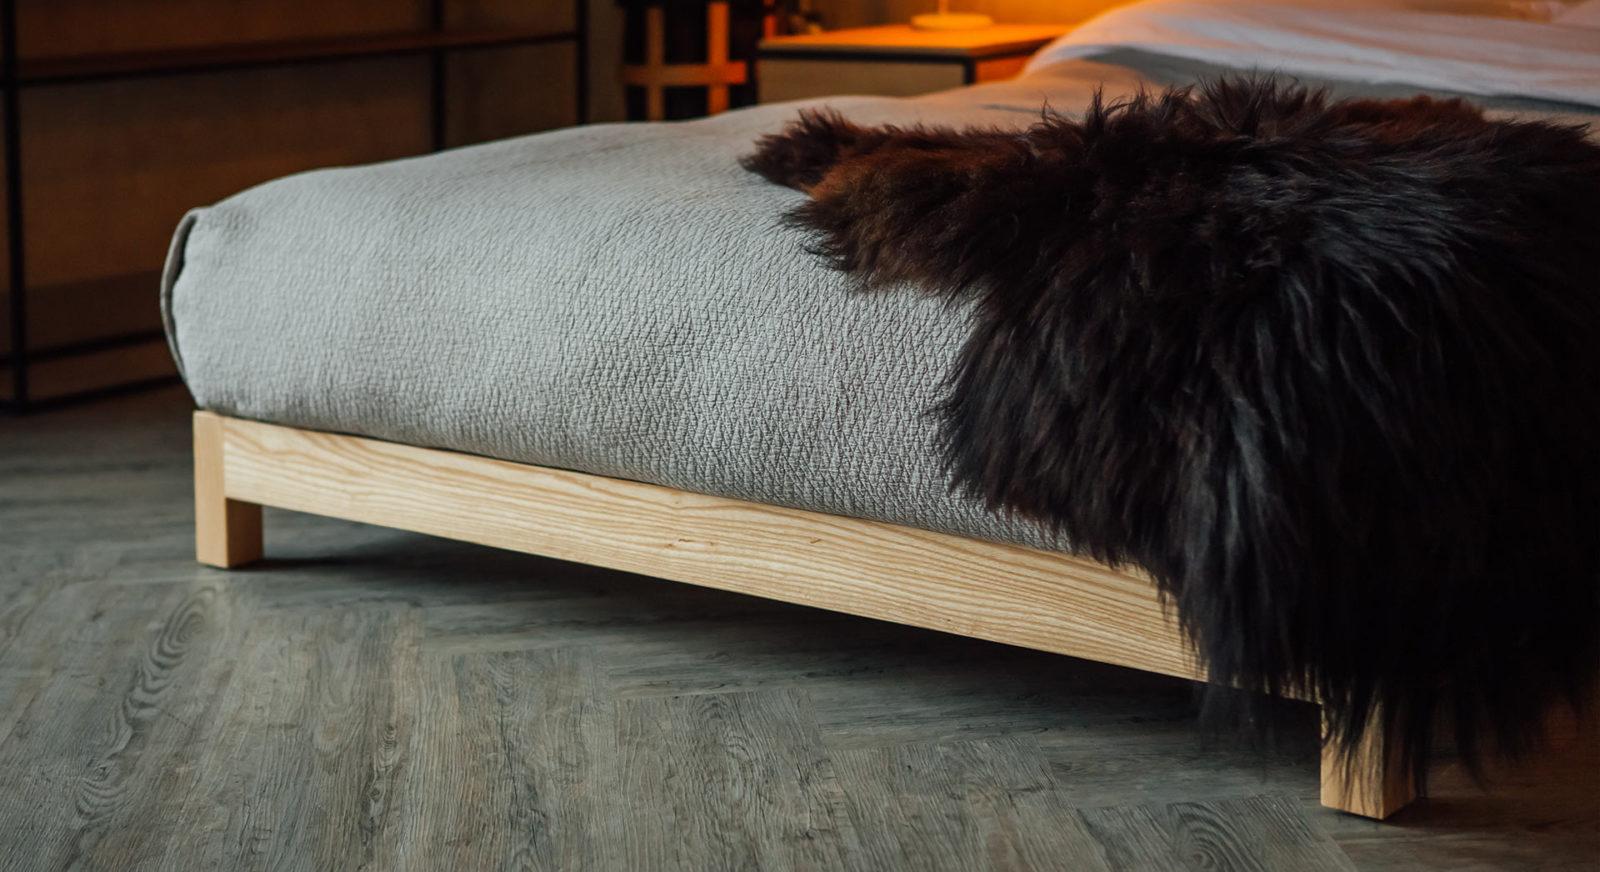 diamond-texture-bedspread - pale grey bedspread